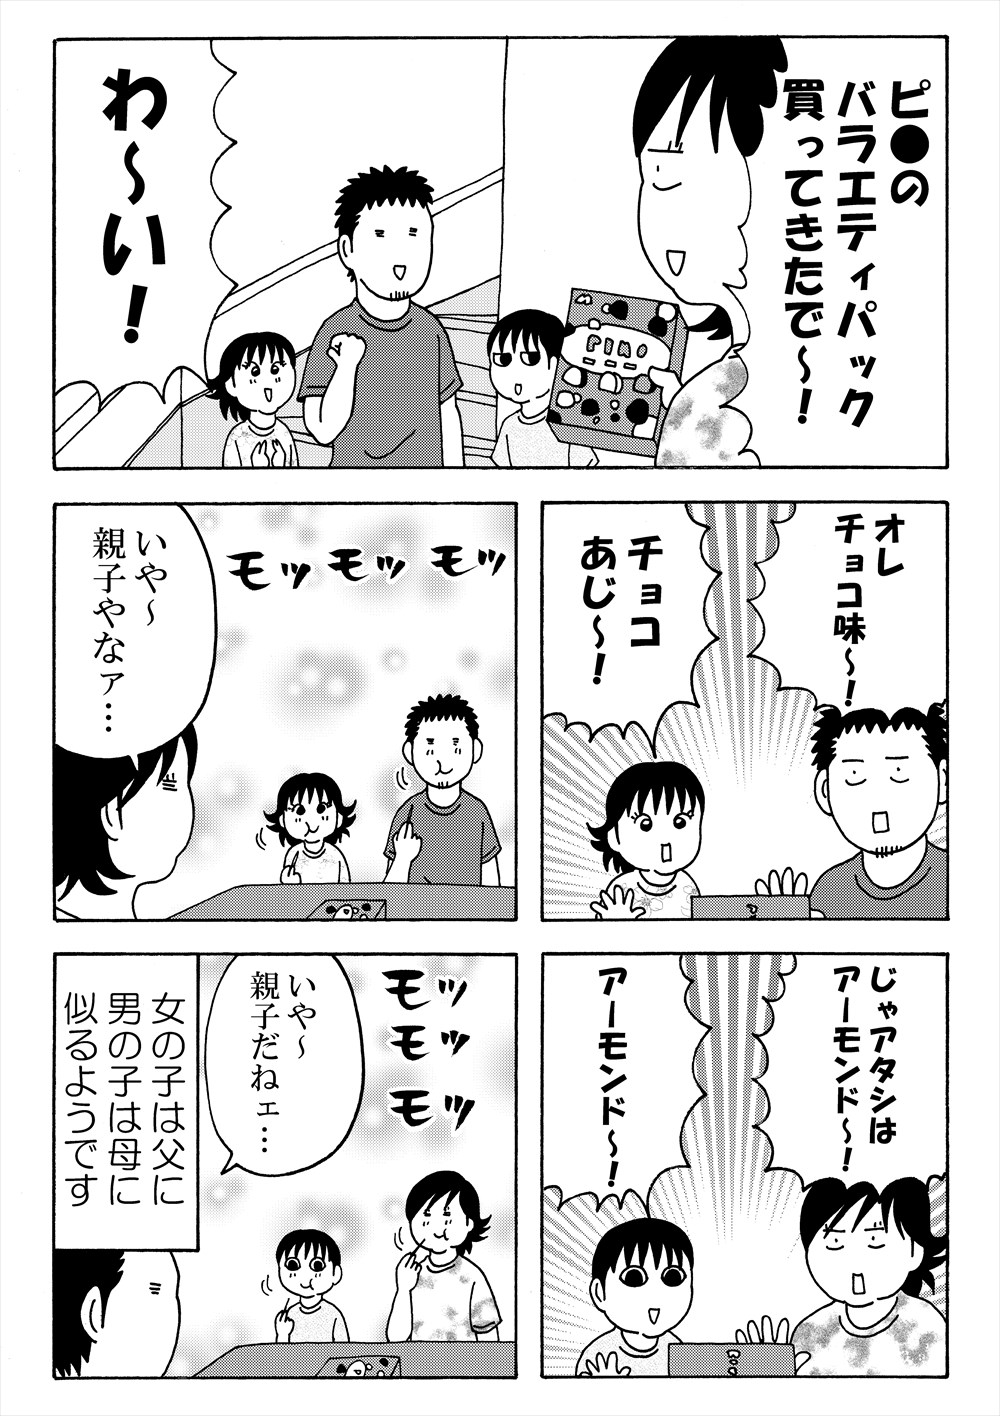 kyounoyokoyamake_R